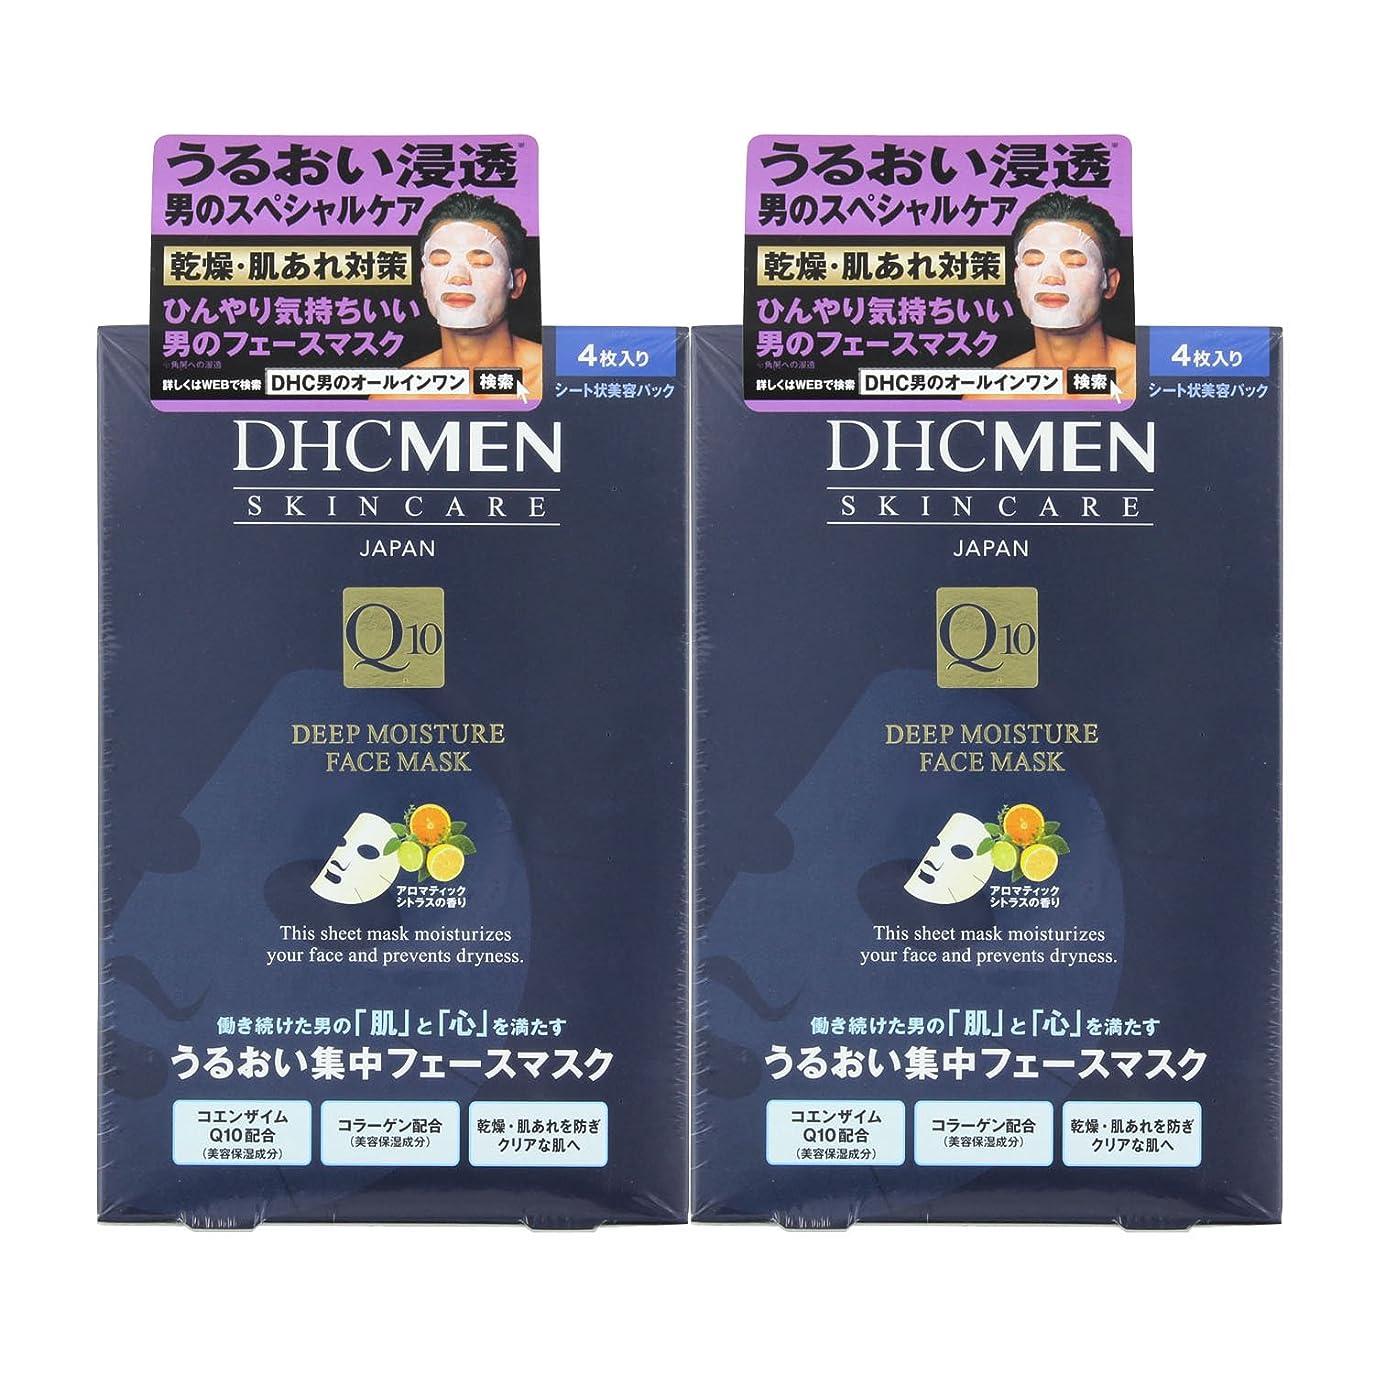 ブランド正確チャレンジ【セット品】DHC MEN(男性用) ディープモイスチュア フェースマスク 4枚 2個セット